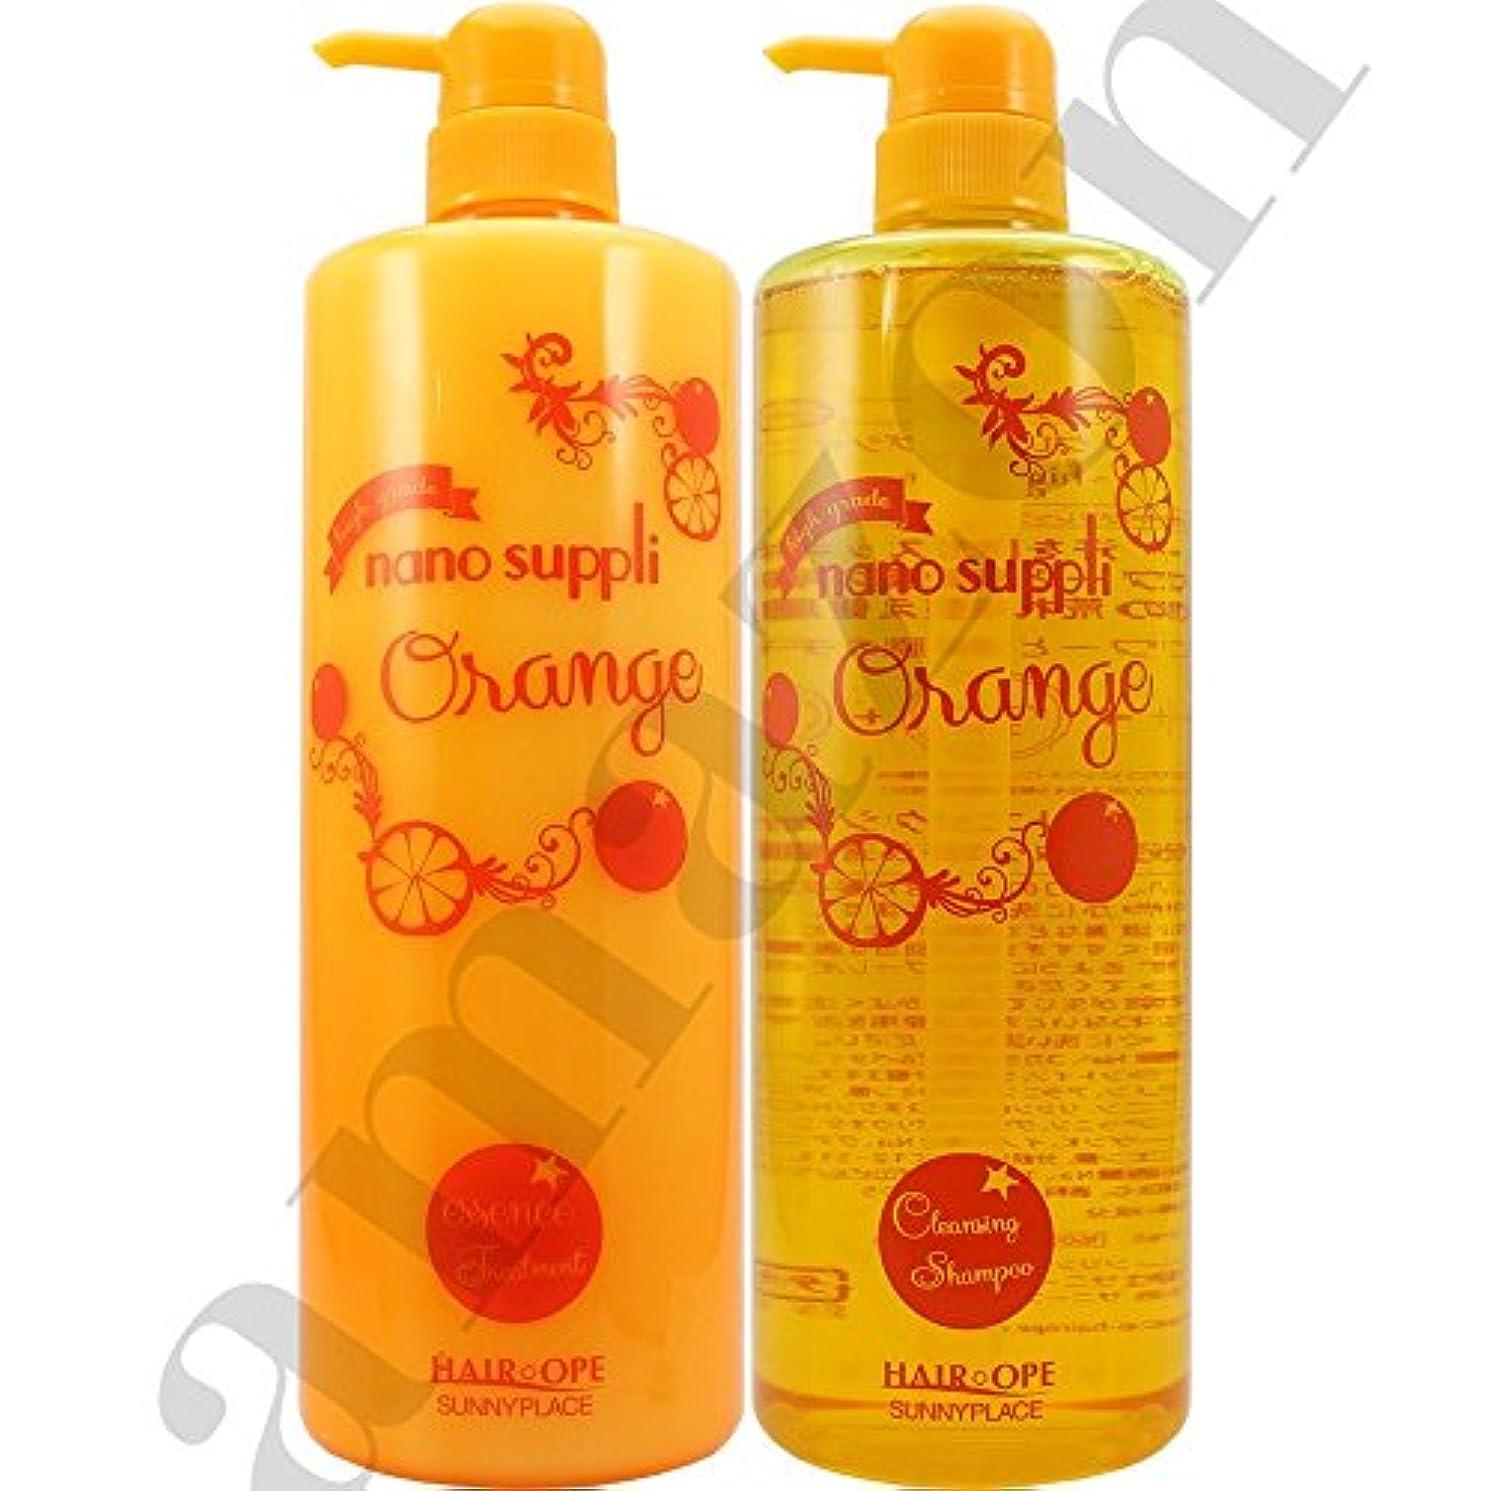 縁リングモディッシュサニープレイス ナノサプリ クレンジングシャンプー&コンディショナー オレンジ 1000mlボトルセット